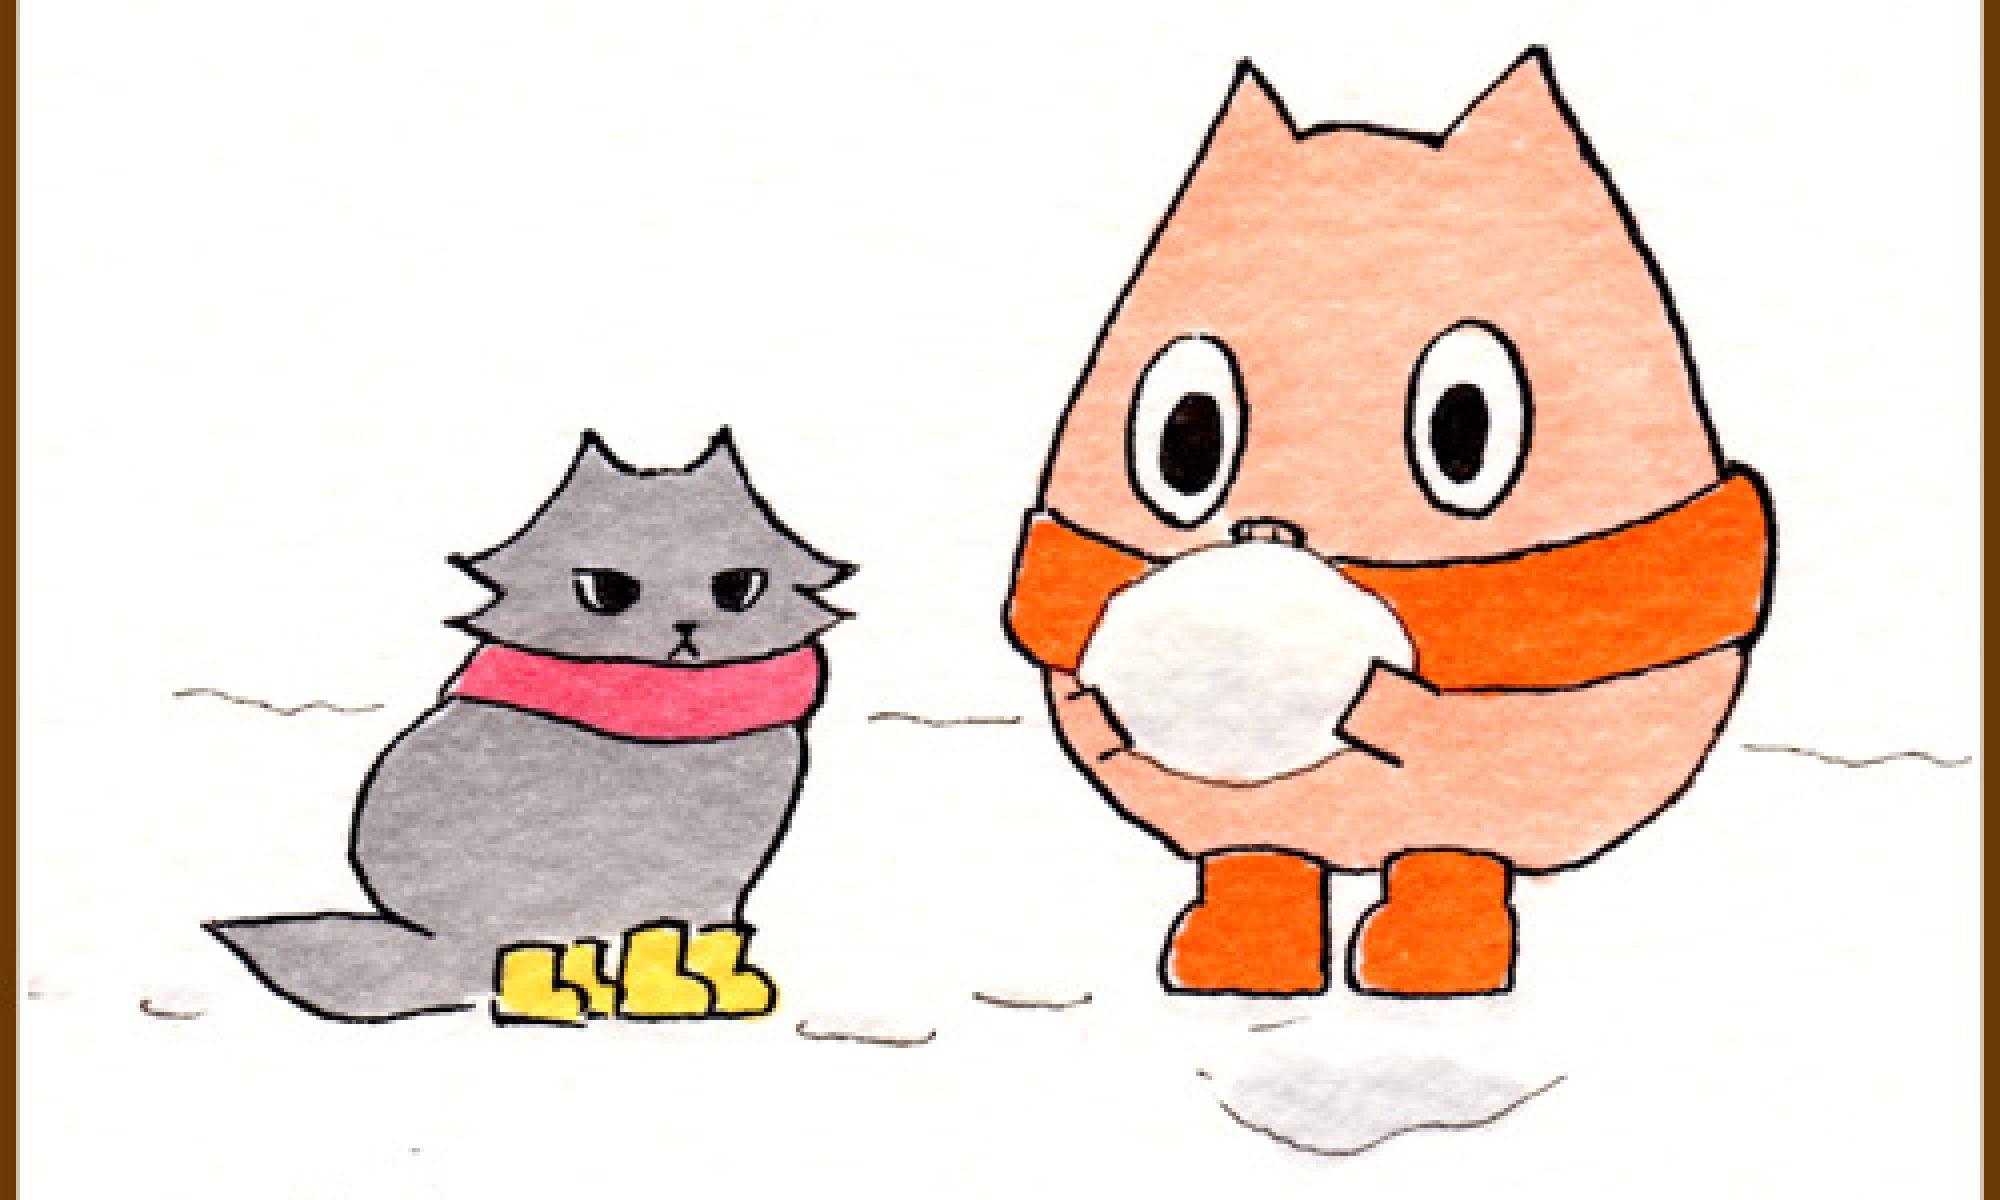 コブタとミィちゃん - Kobuta and Mi -